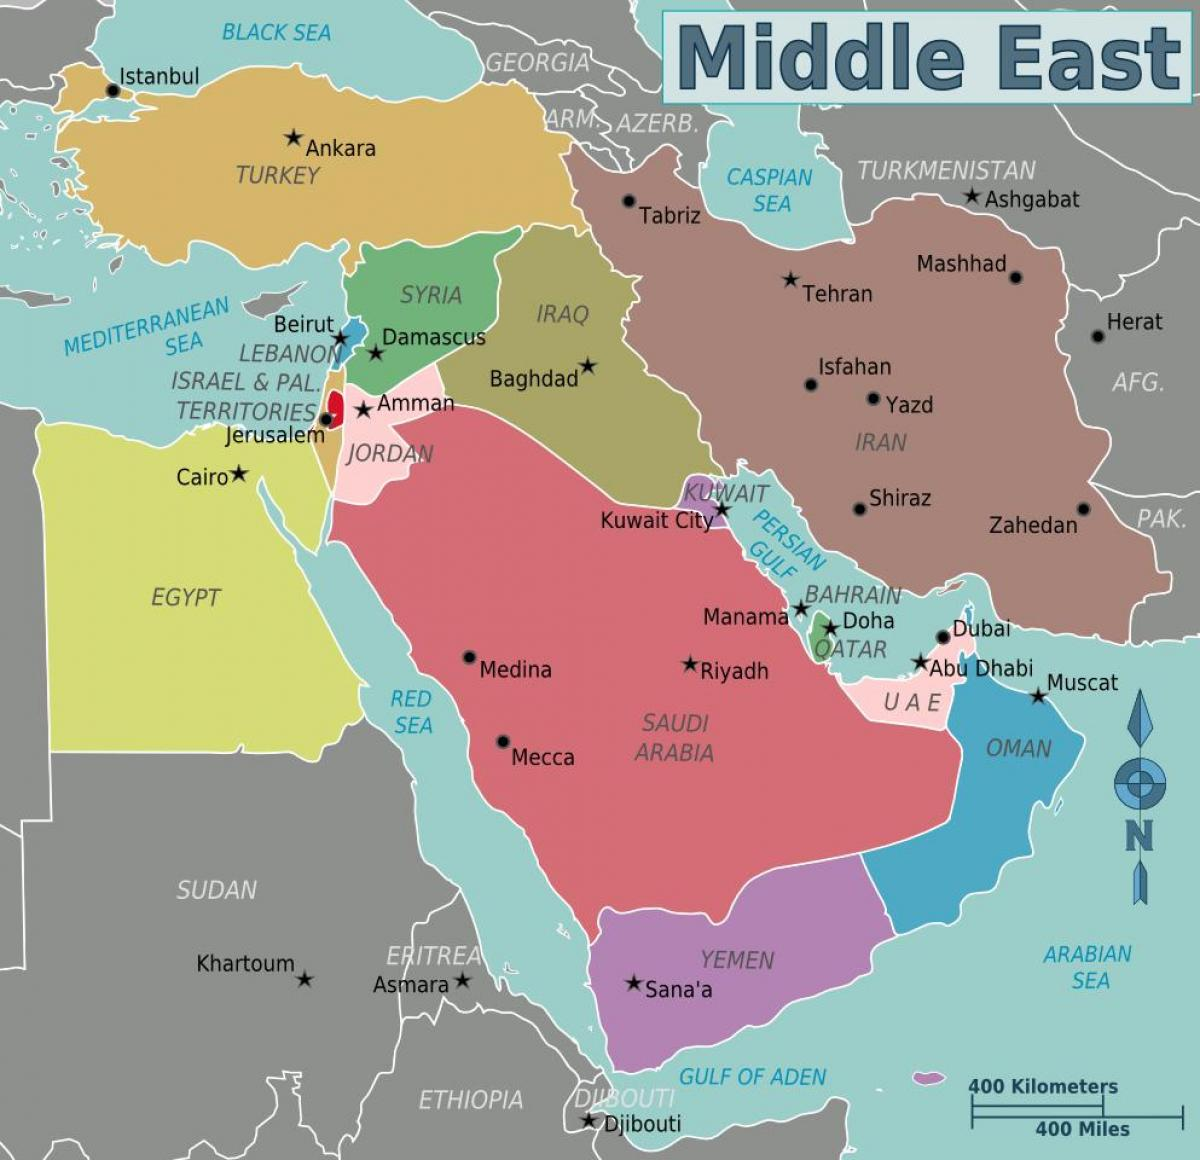 Omanin Kartta Lahi Idan Kartta Omanin Kartta Lahi Idan Lansi